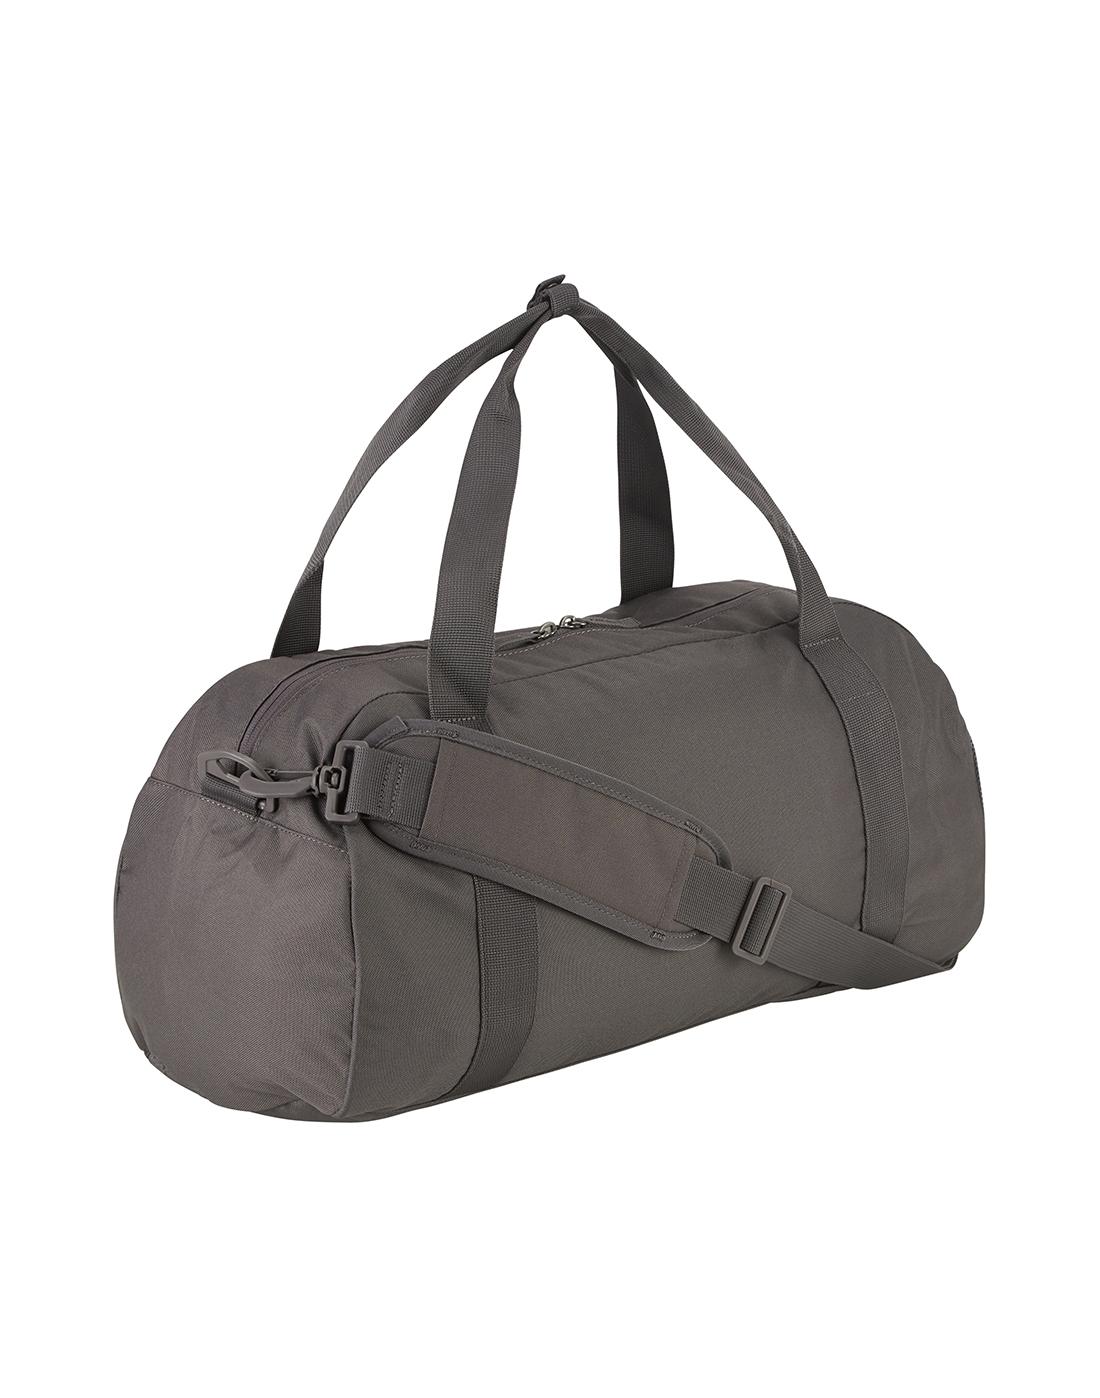 ca30152d1d Gym Club Duffel Bag · Gym Club Duffel Bag